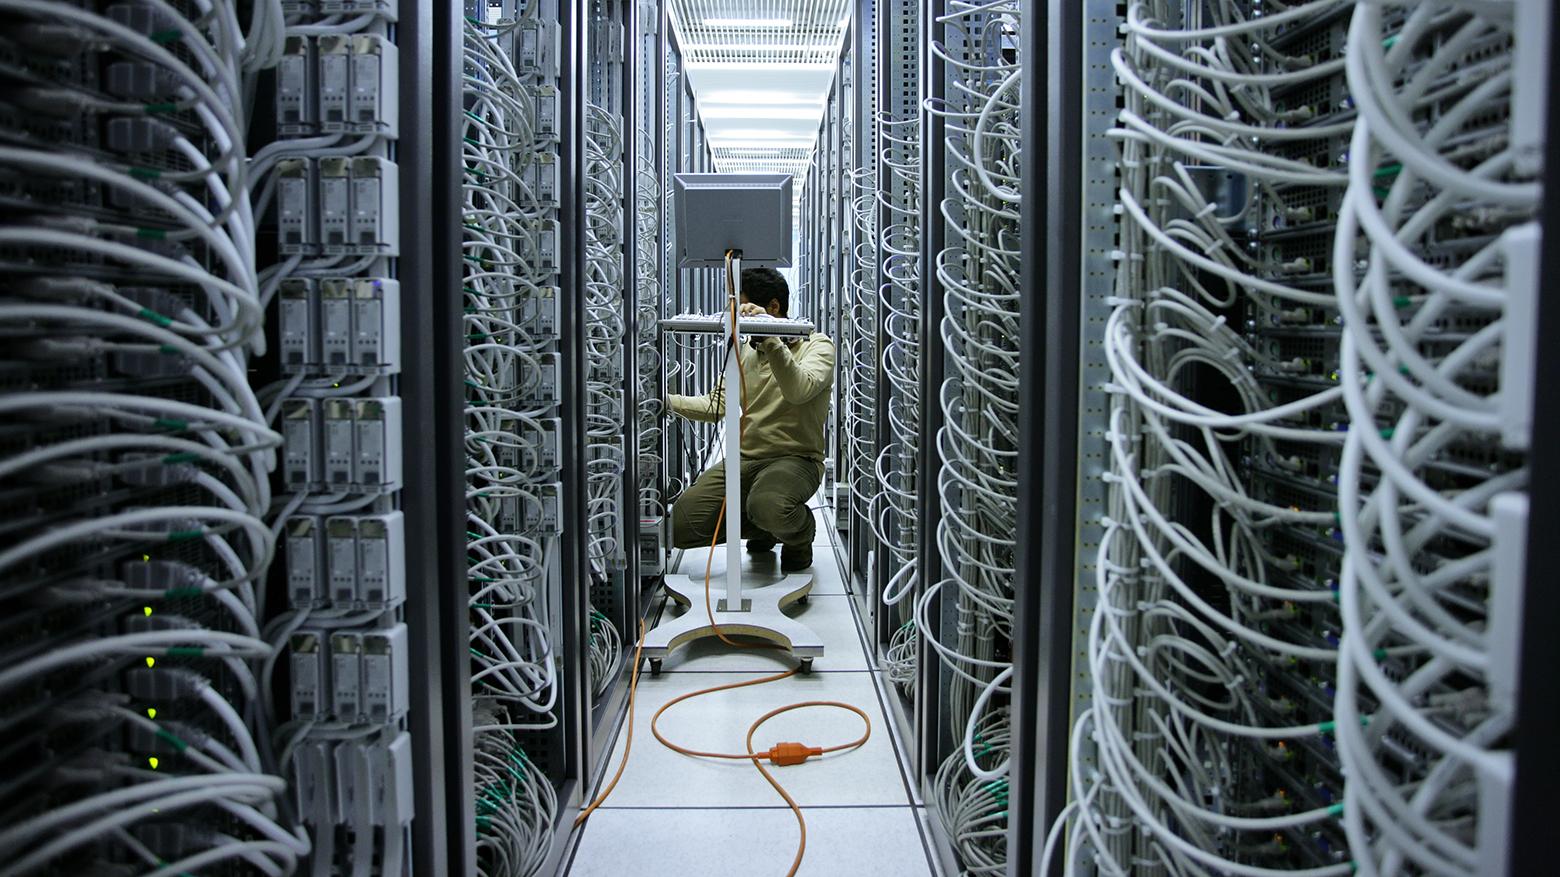 6e6a95f898c8d Закон об изоляции Рунета: как будет работать российский сегмент интернета с  1 ноября 2019 года